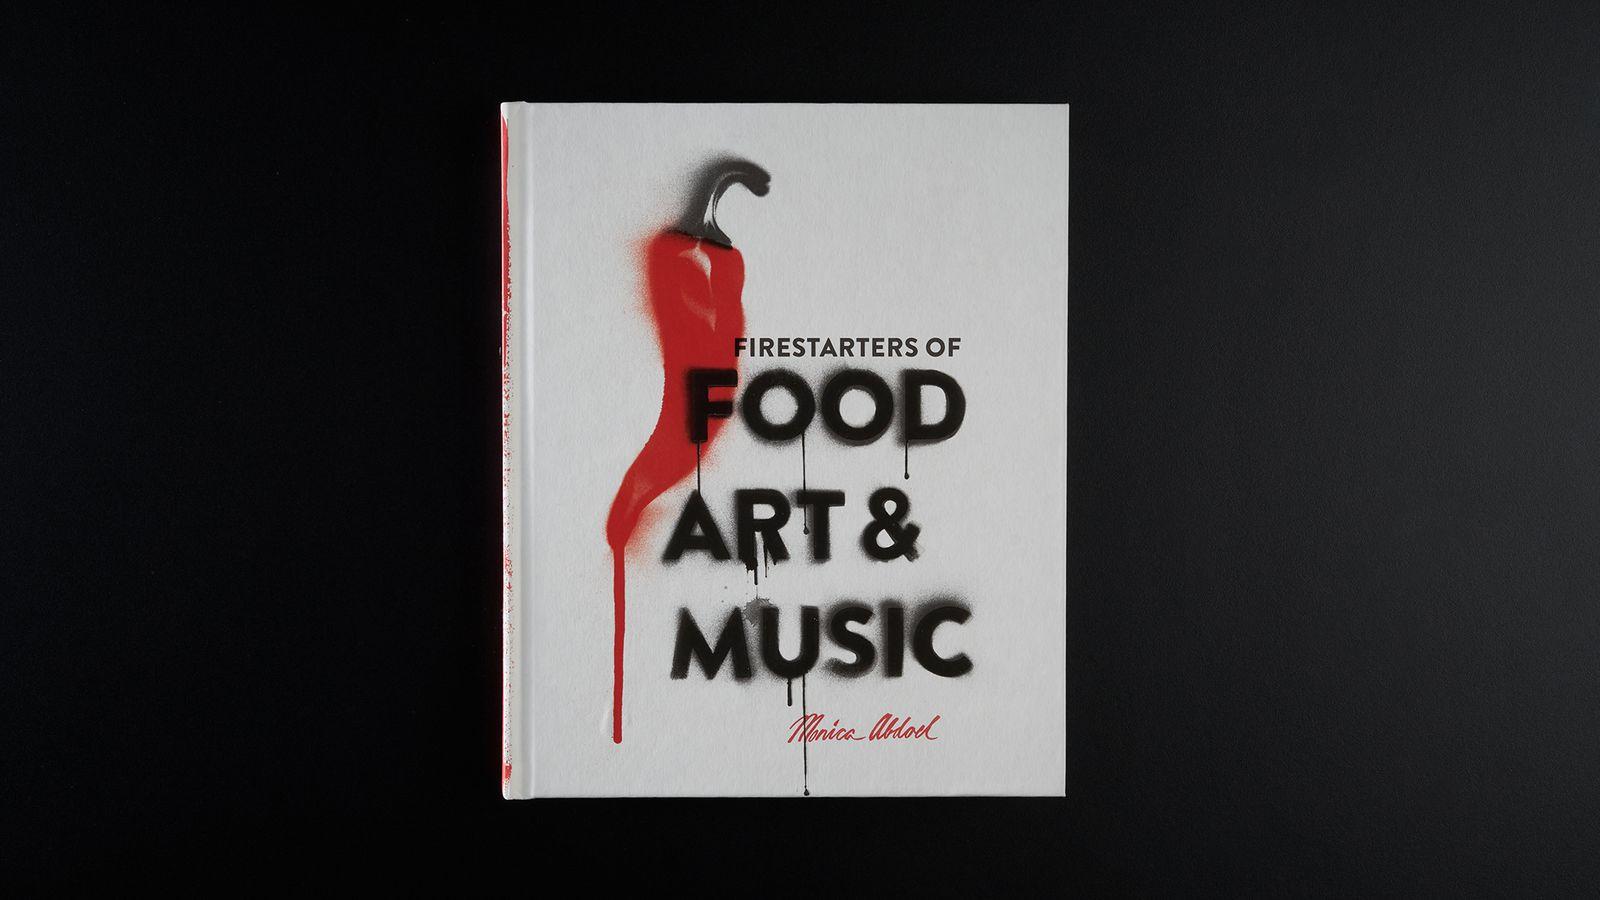 Firestarters of Food, Art & Music - Cover.jpg